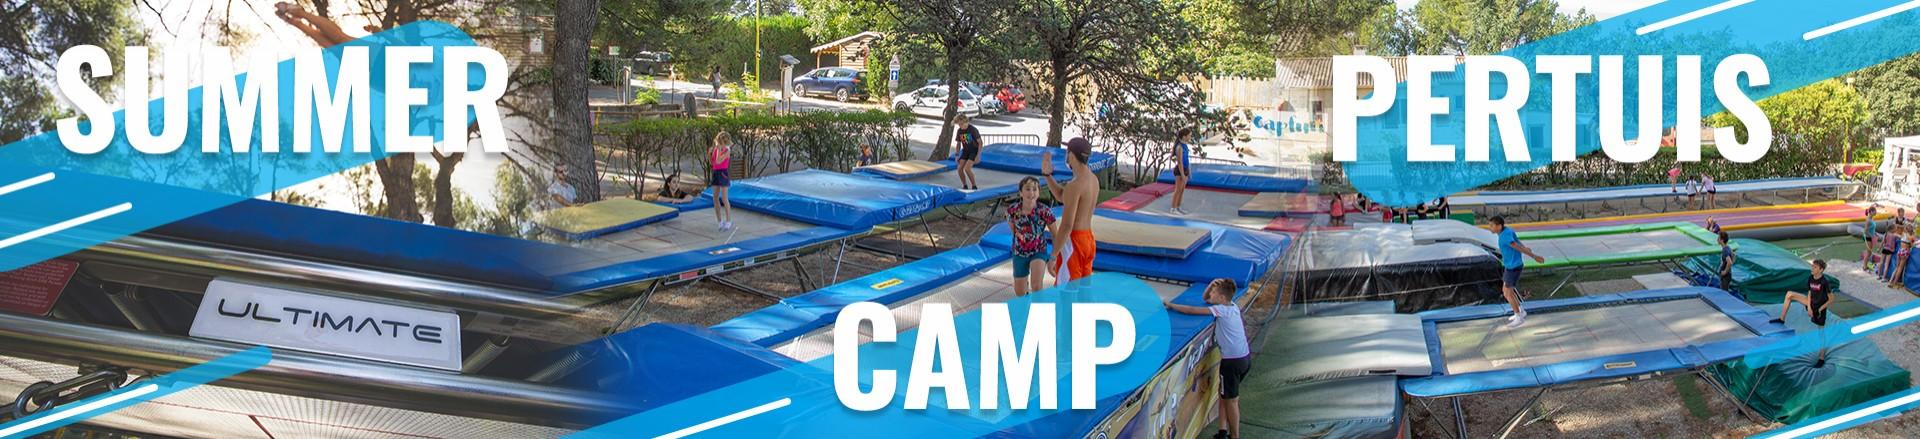 Le parc trampoline du Summer Camp Pertuis